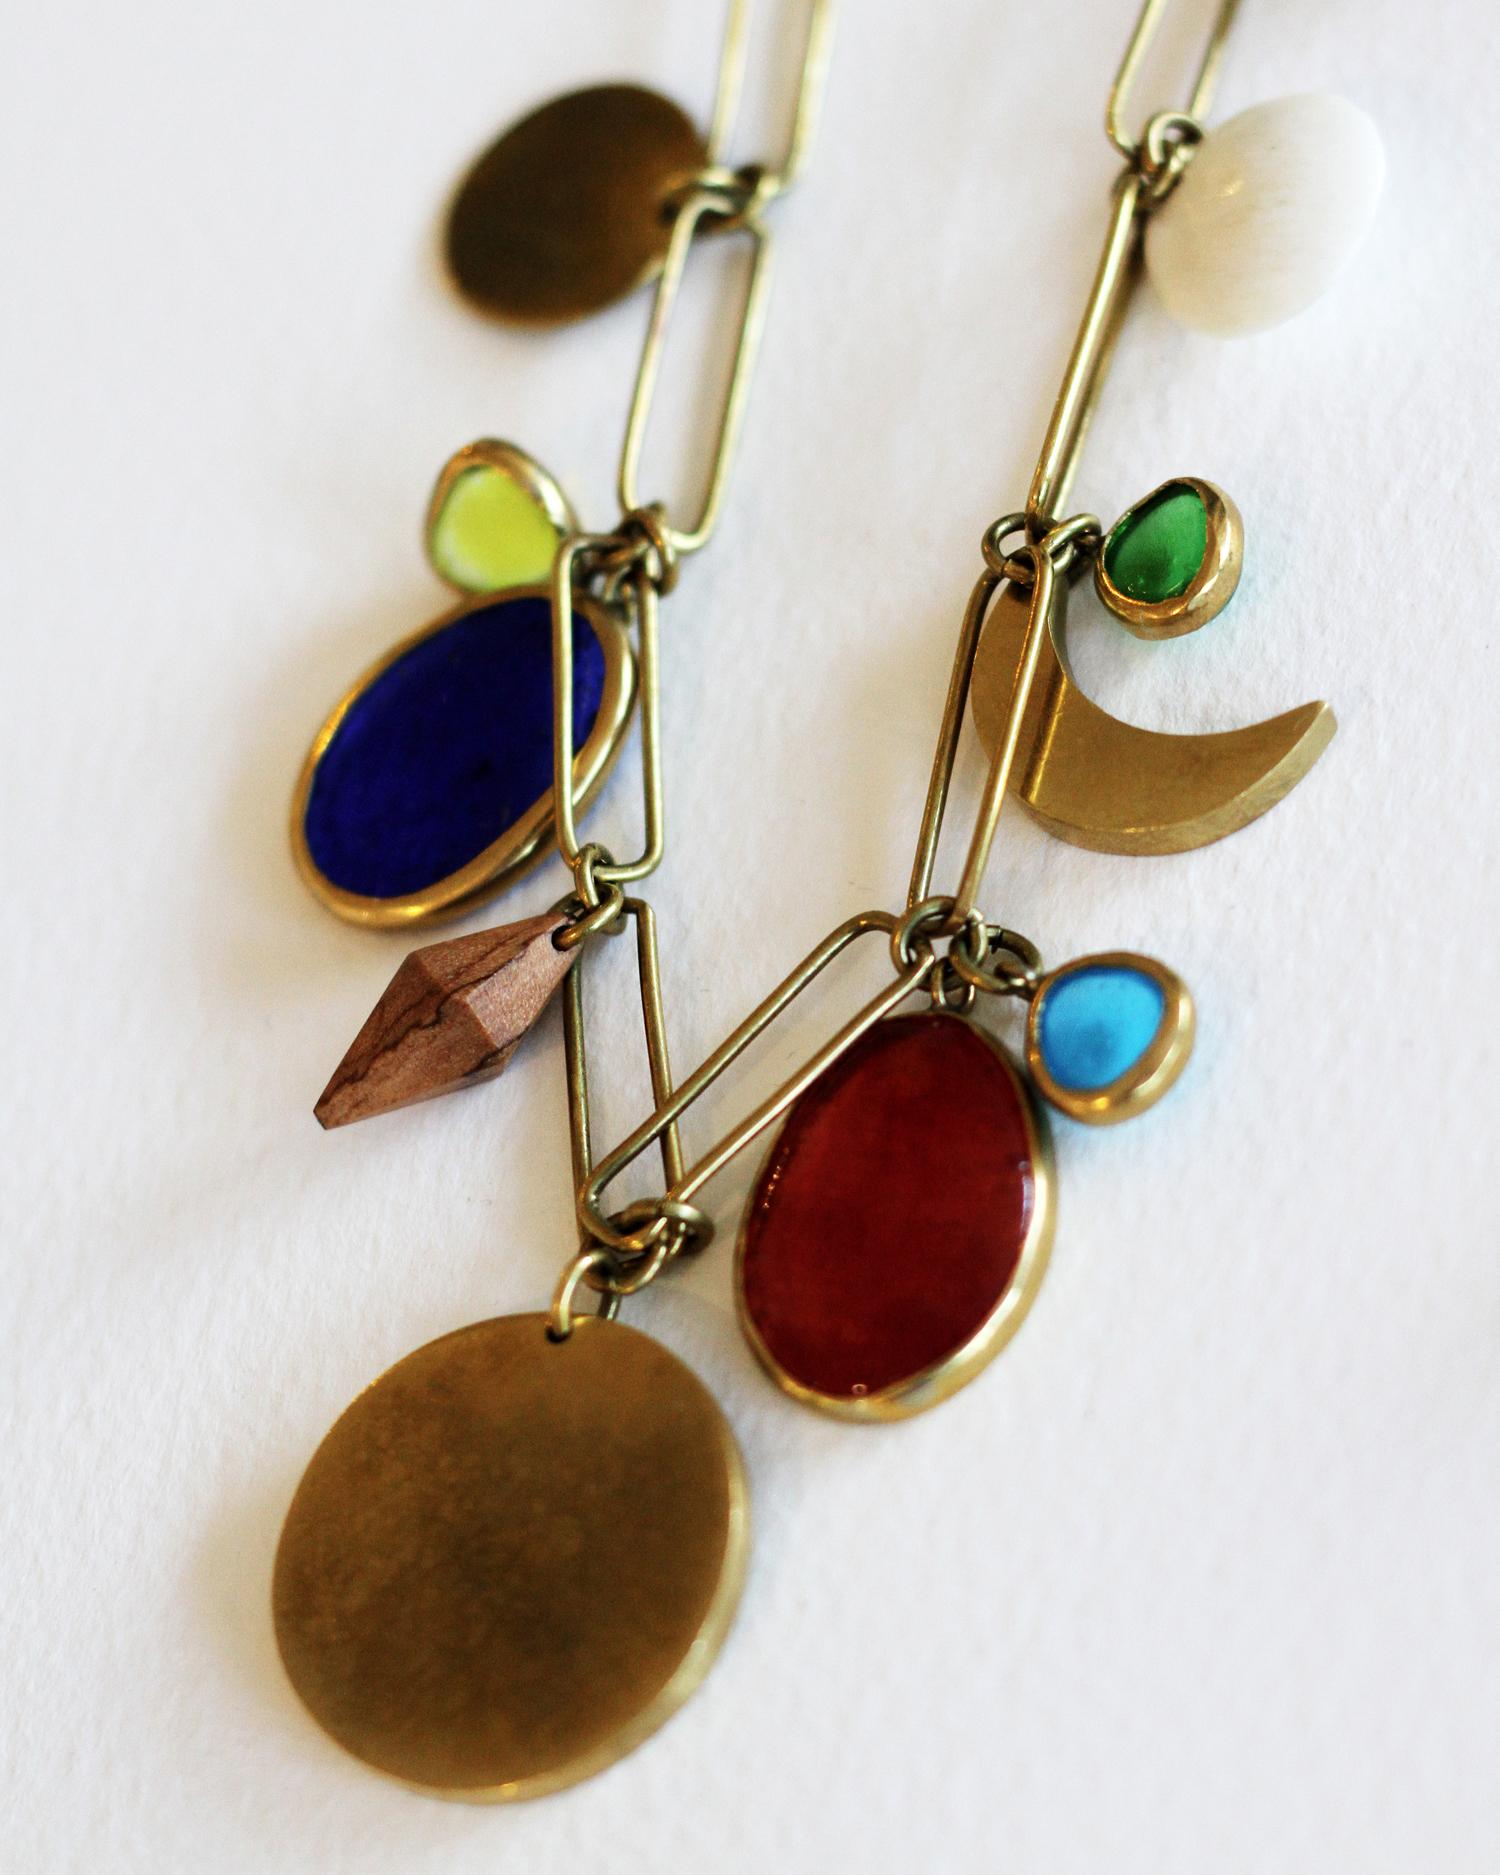 zakee-shariff-made-jewellery.jpg